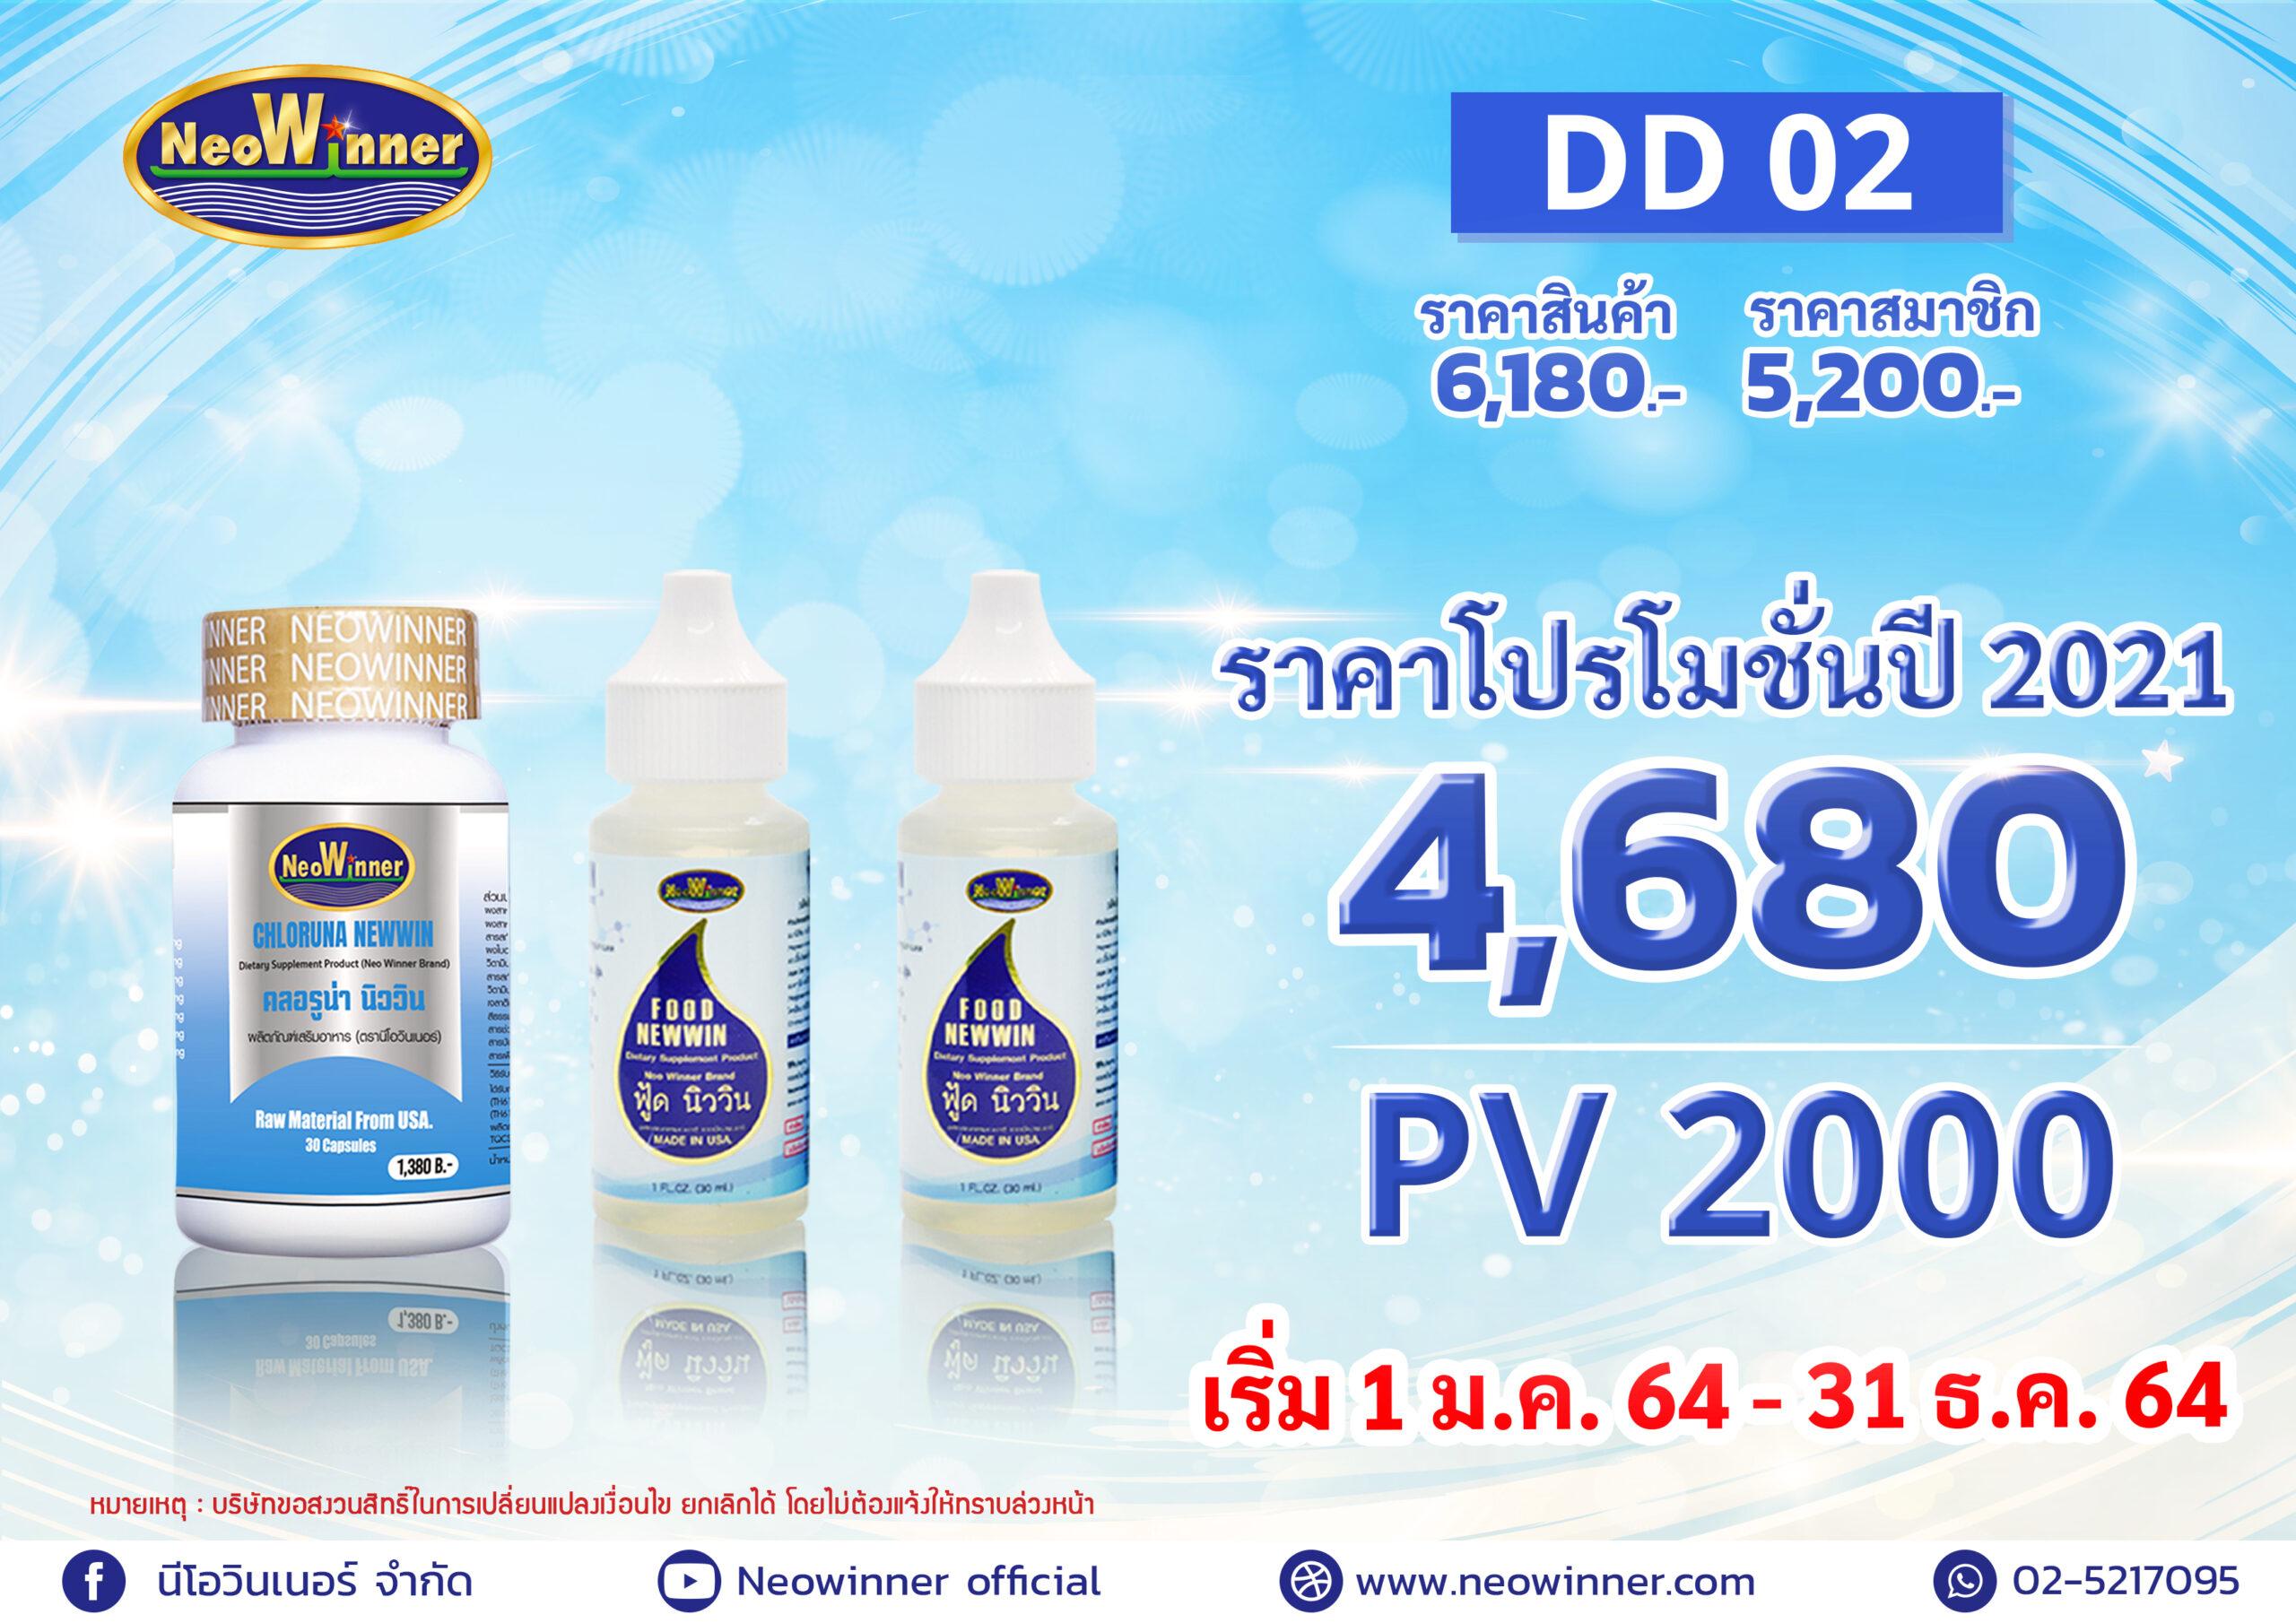 Promotion-DD-02-2021